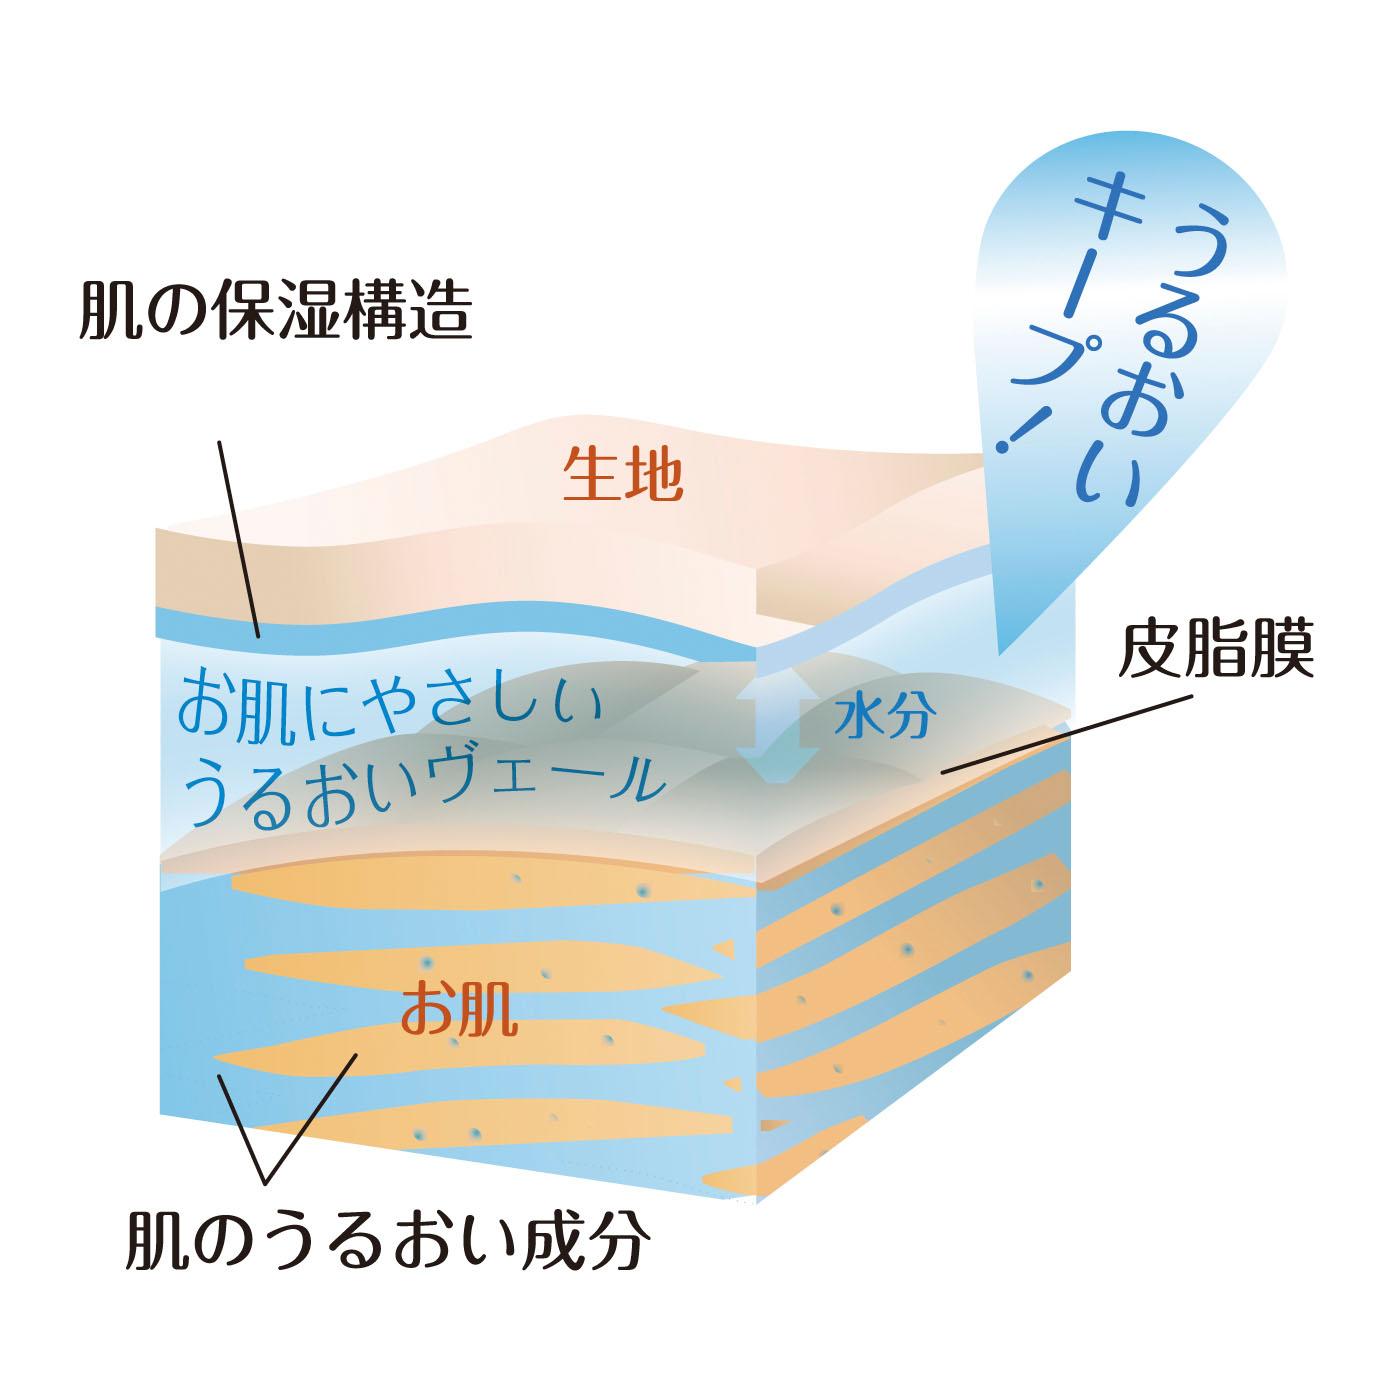 肌に近い保湿構造のスキンタッチ加工 肌のすぐれた保湿構造に近づけた特殊素材。水分をためこめる層をつくり、皮膚からの水分蒸発を制御します。乾燥しやすい肌を、うるおいヴェールがやさしく包みます。